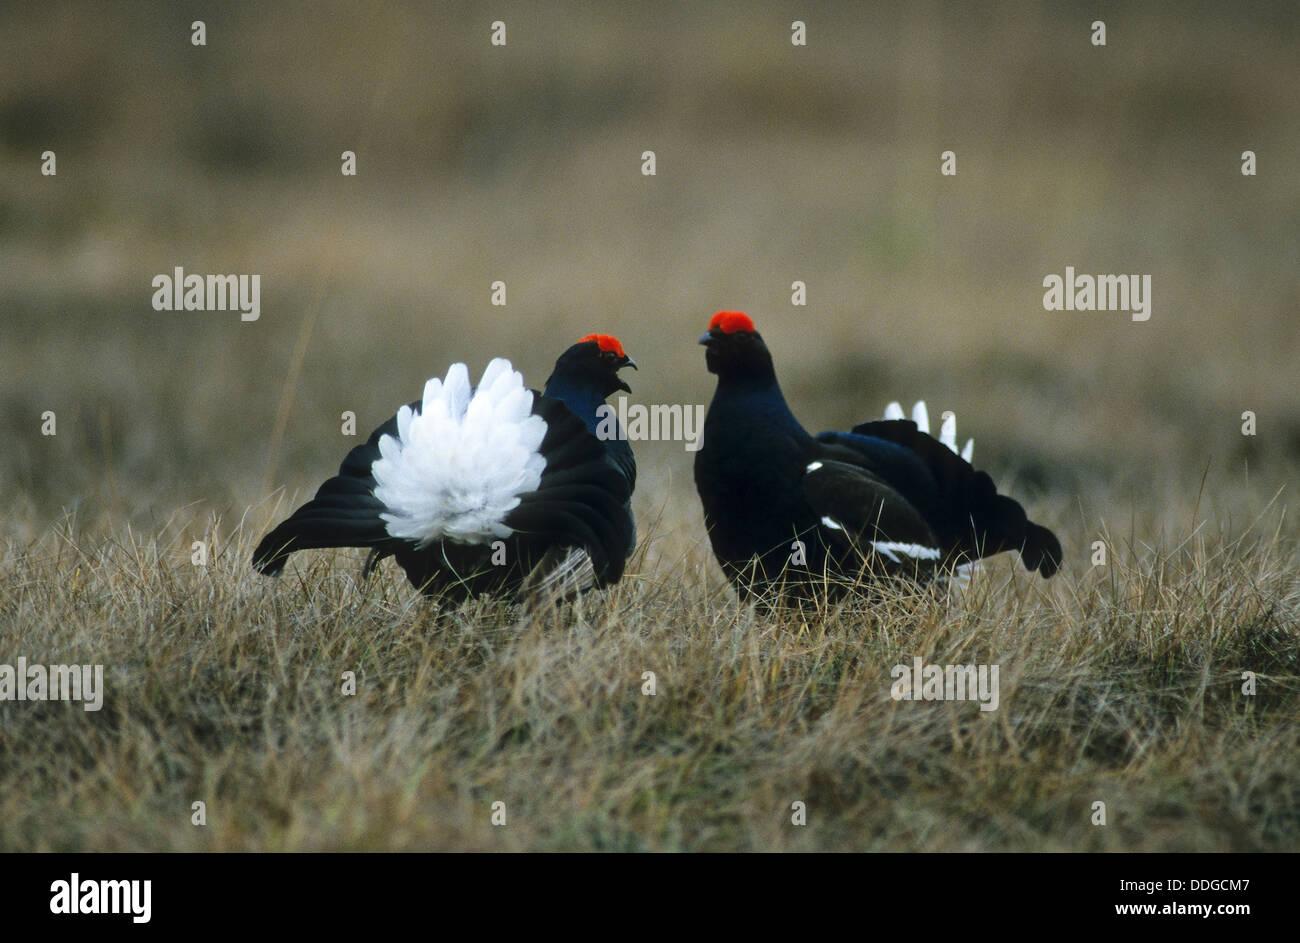 blackgame, black grouse, male, courtship, Birkhuhn, Birkhahn, Birkwild, Männchen, Balz, Lyrurus tetrix, Tetrao - Stock Image